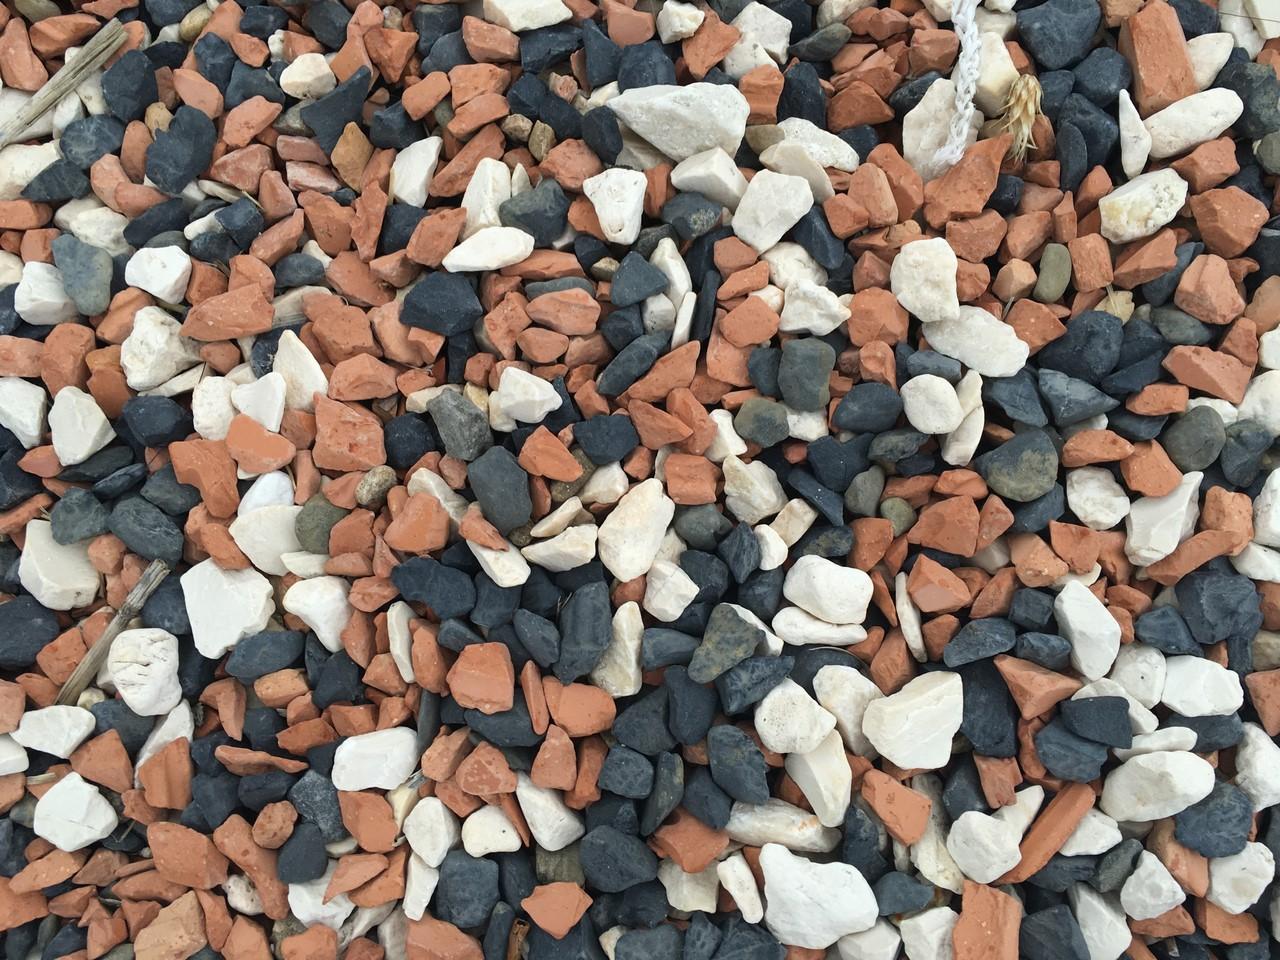 chamota-brique-pilee-espagne-1280×960 (5)